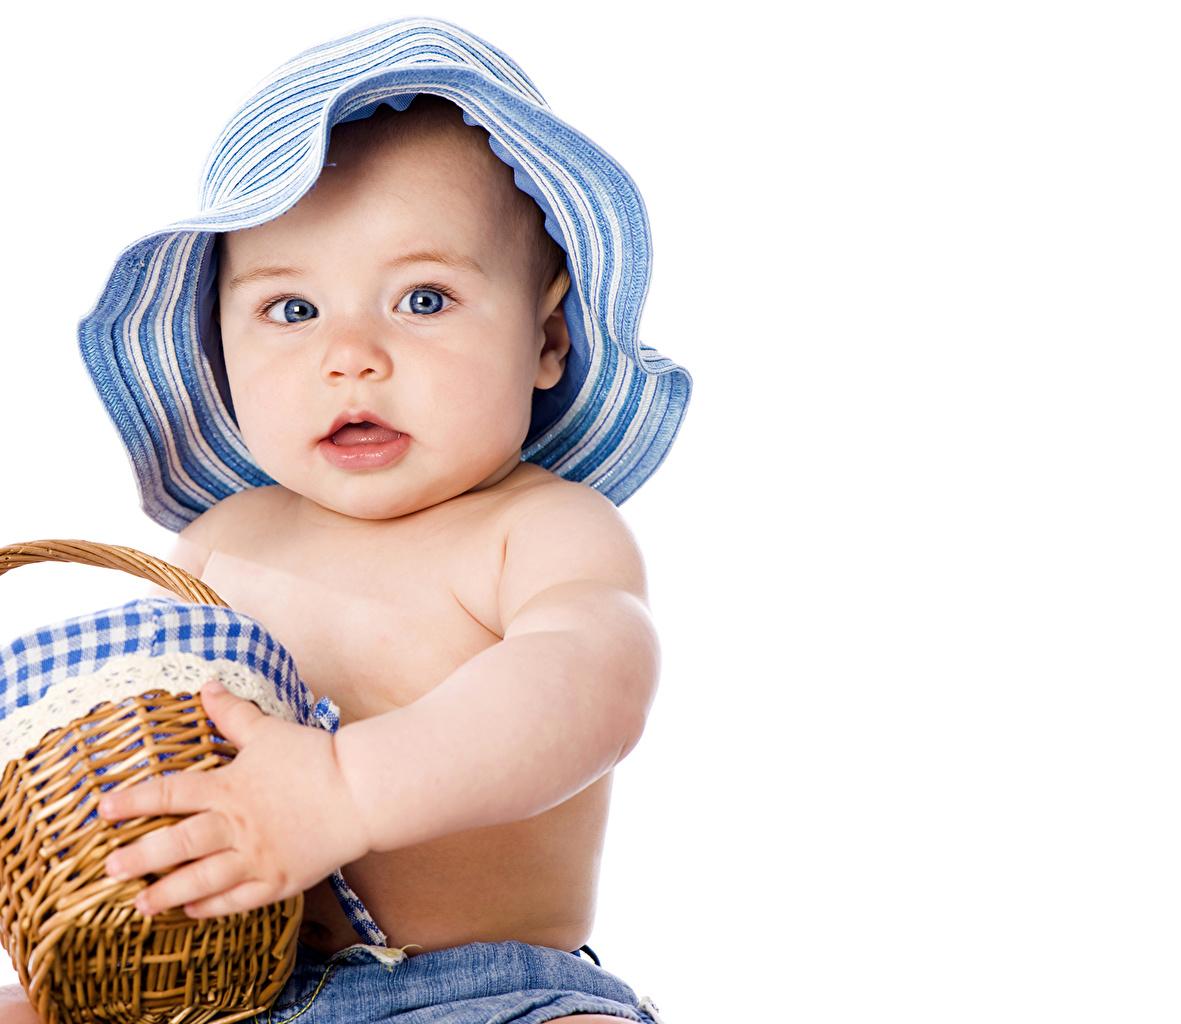 Фото Мальчики Дети Шляпа Корзинка смотрят мальчик мальчишка мальчишки ребёнок шляпы шляпе Корзина корзины Взгляд смотрит